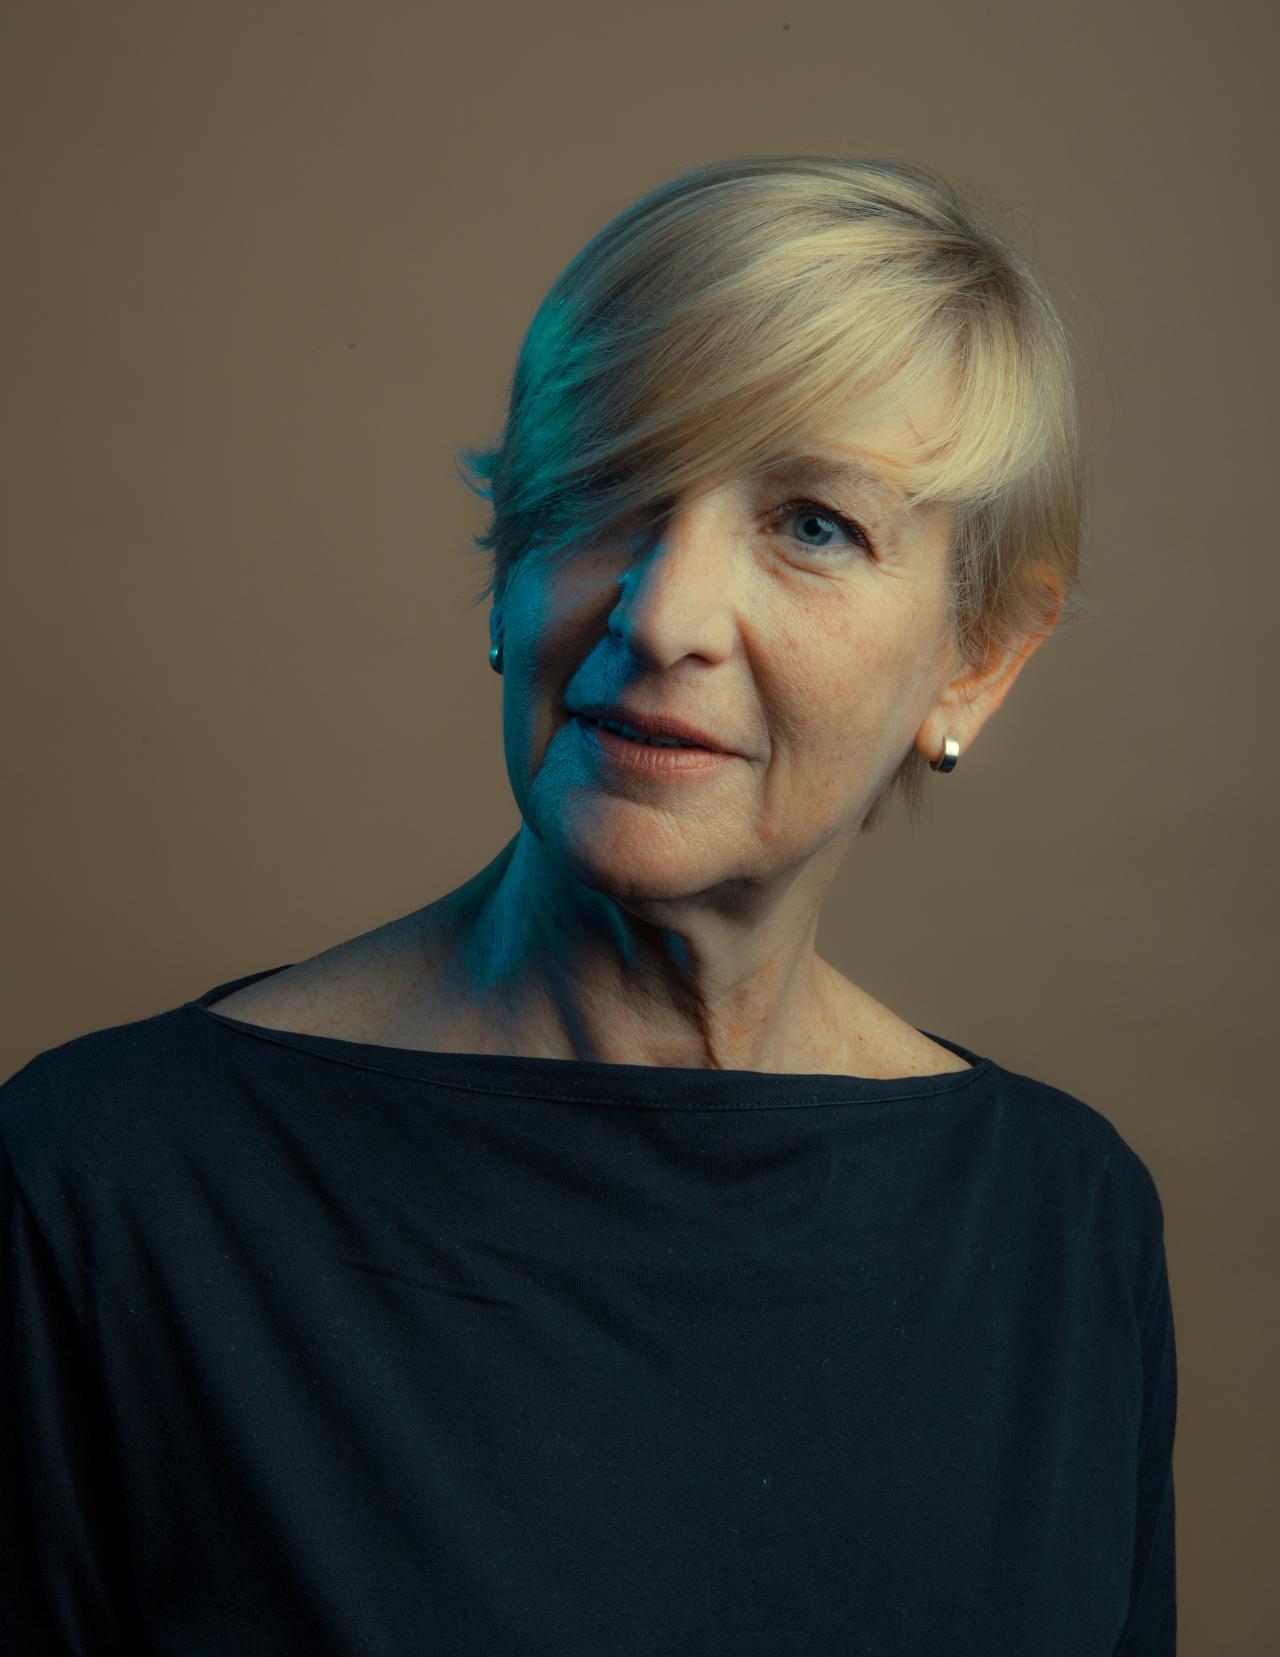 Portrait von Giselle Beiguelman